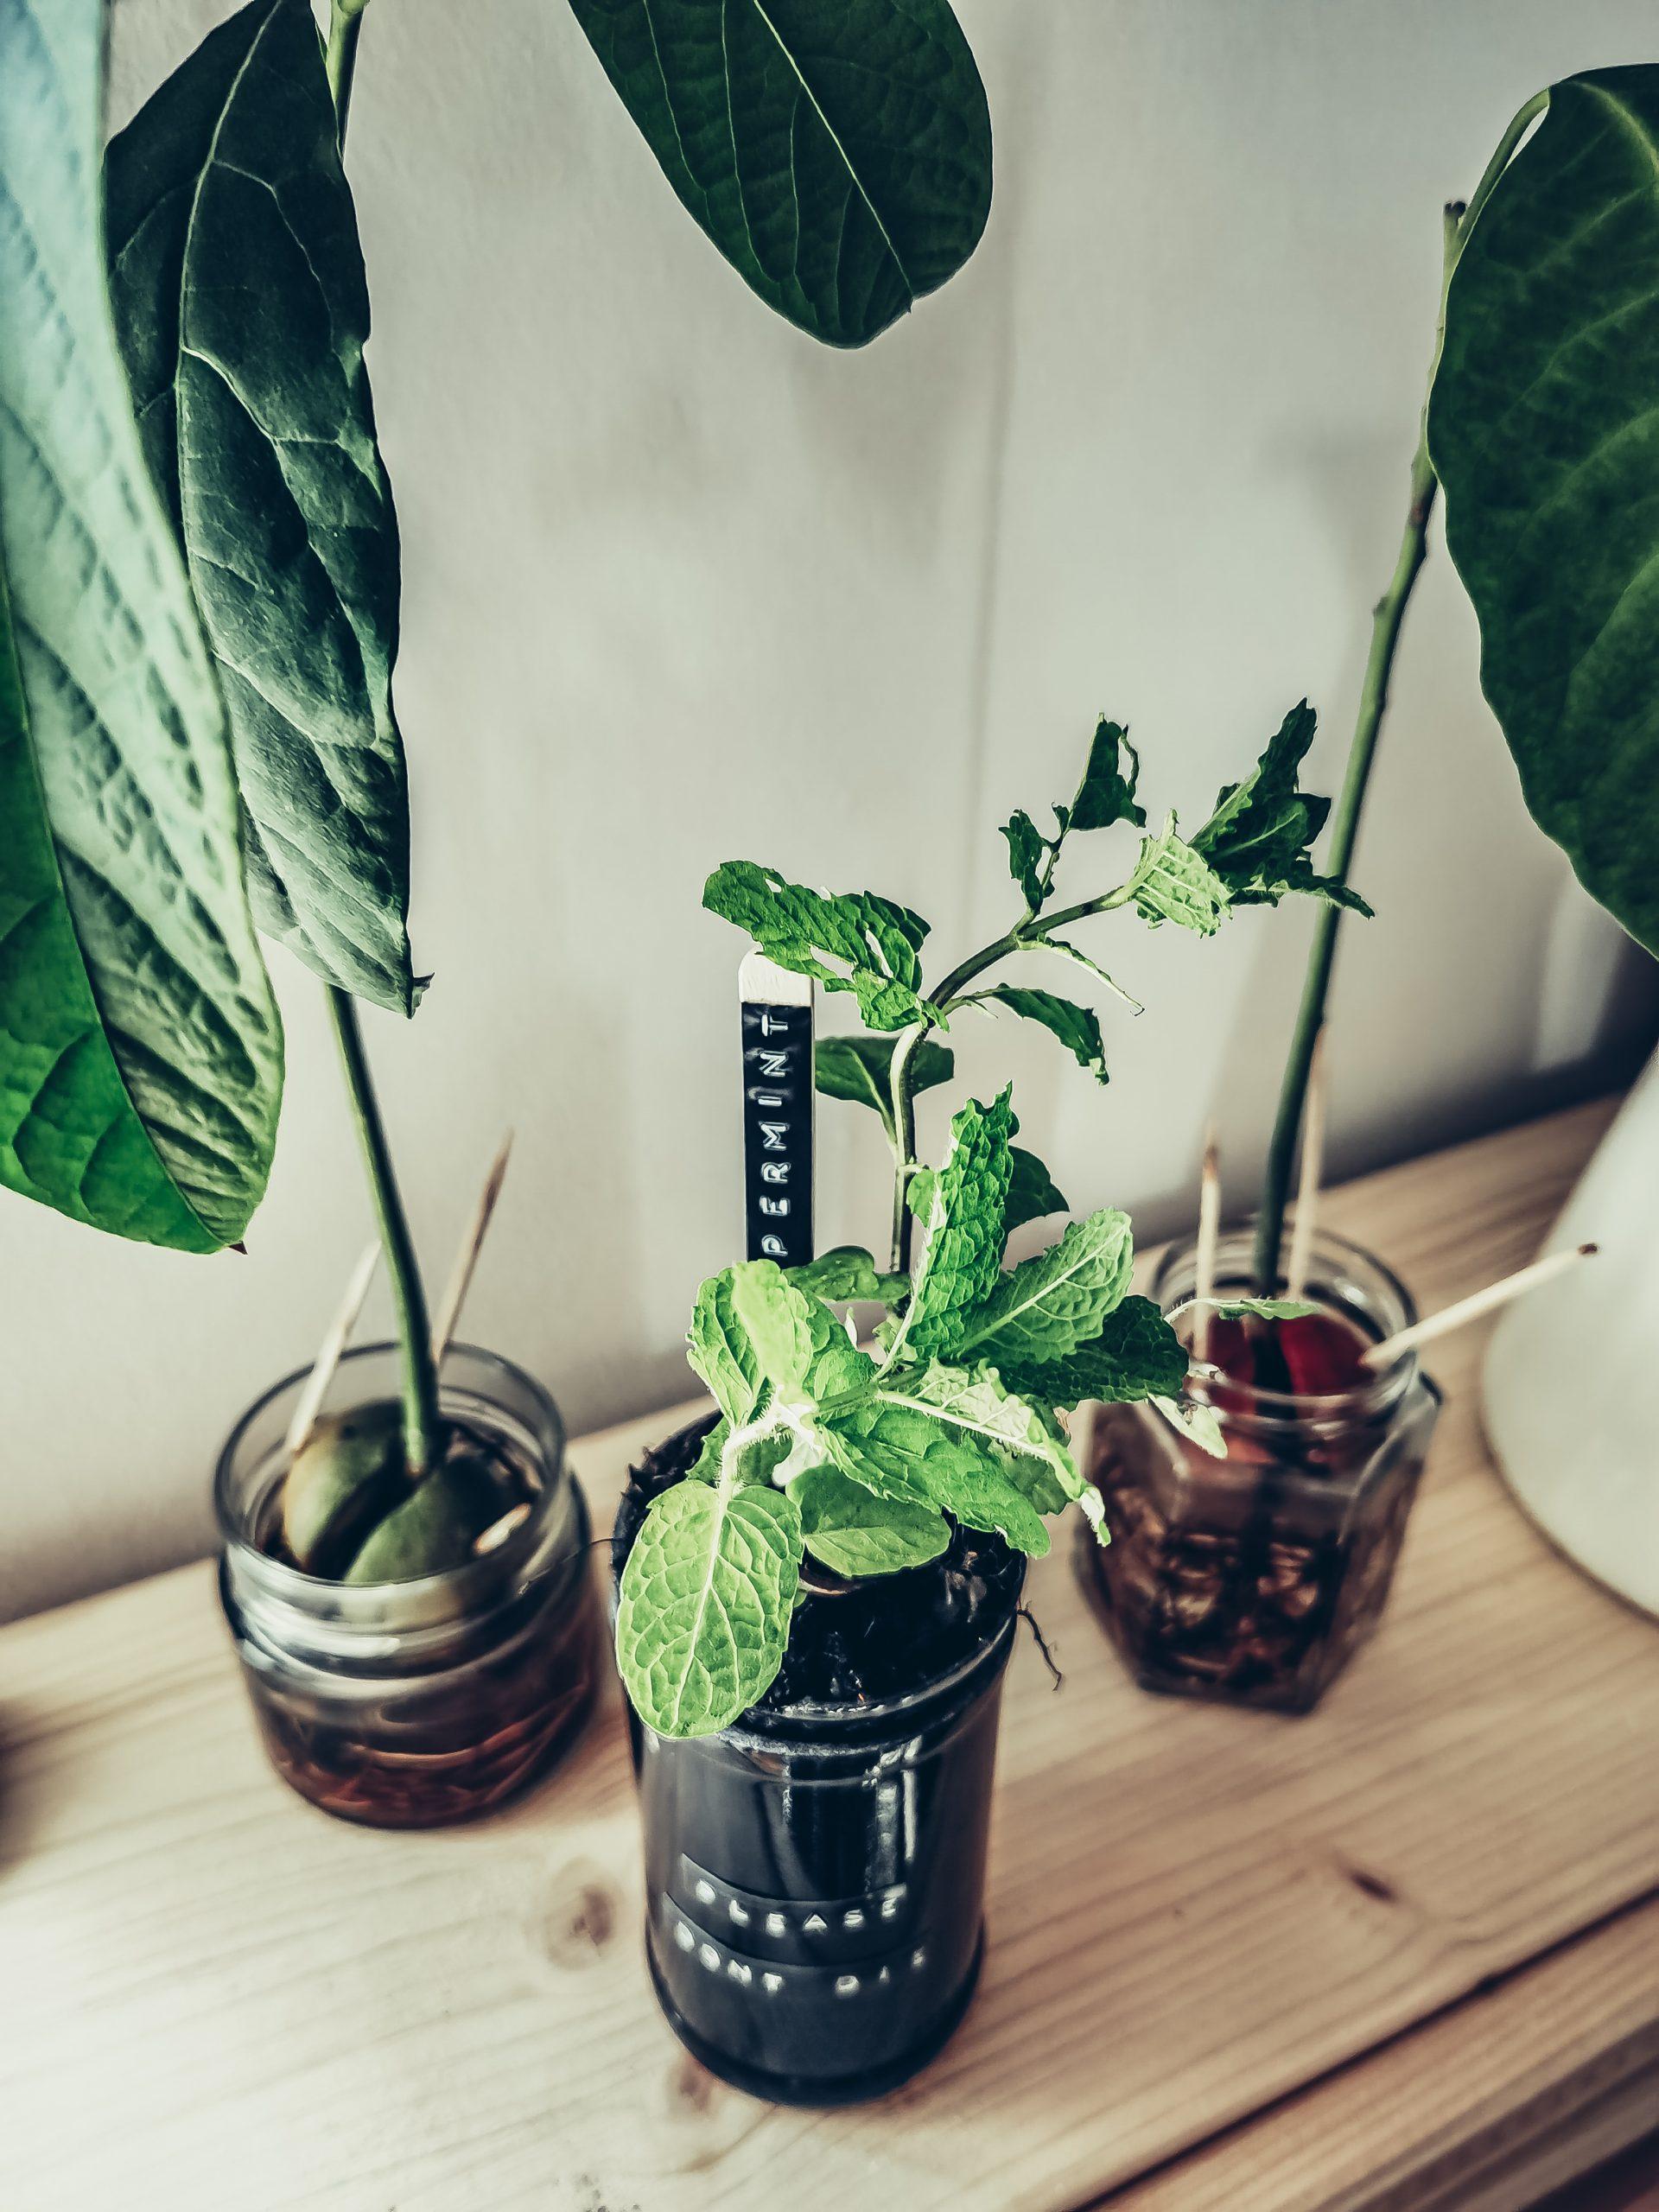 IMG 20210515 135200 scaled - Ako si vyrobiť samozavlažovací kvetináč z fľaše